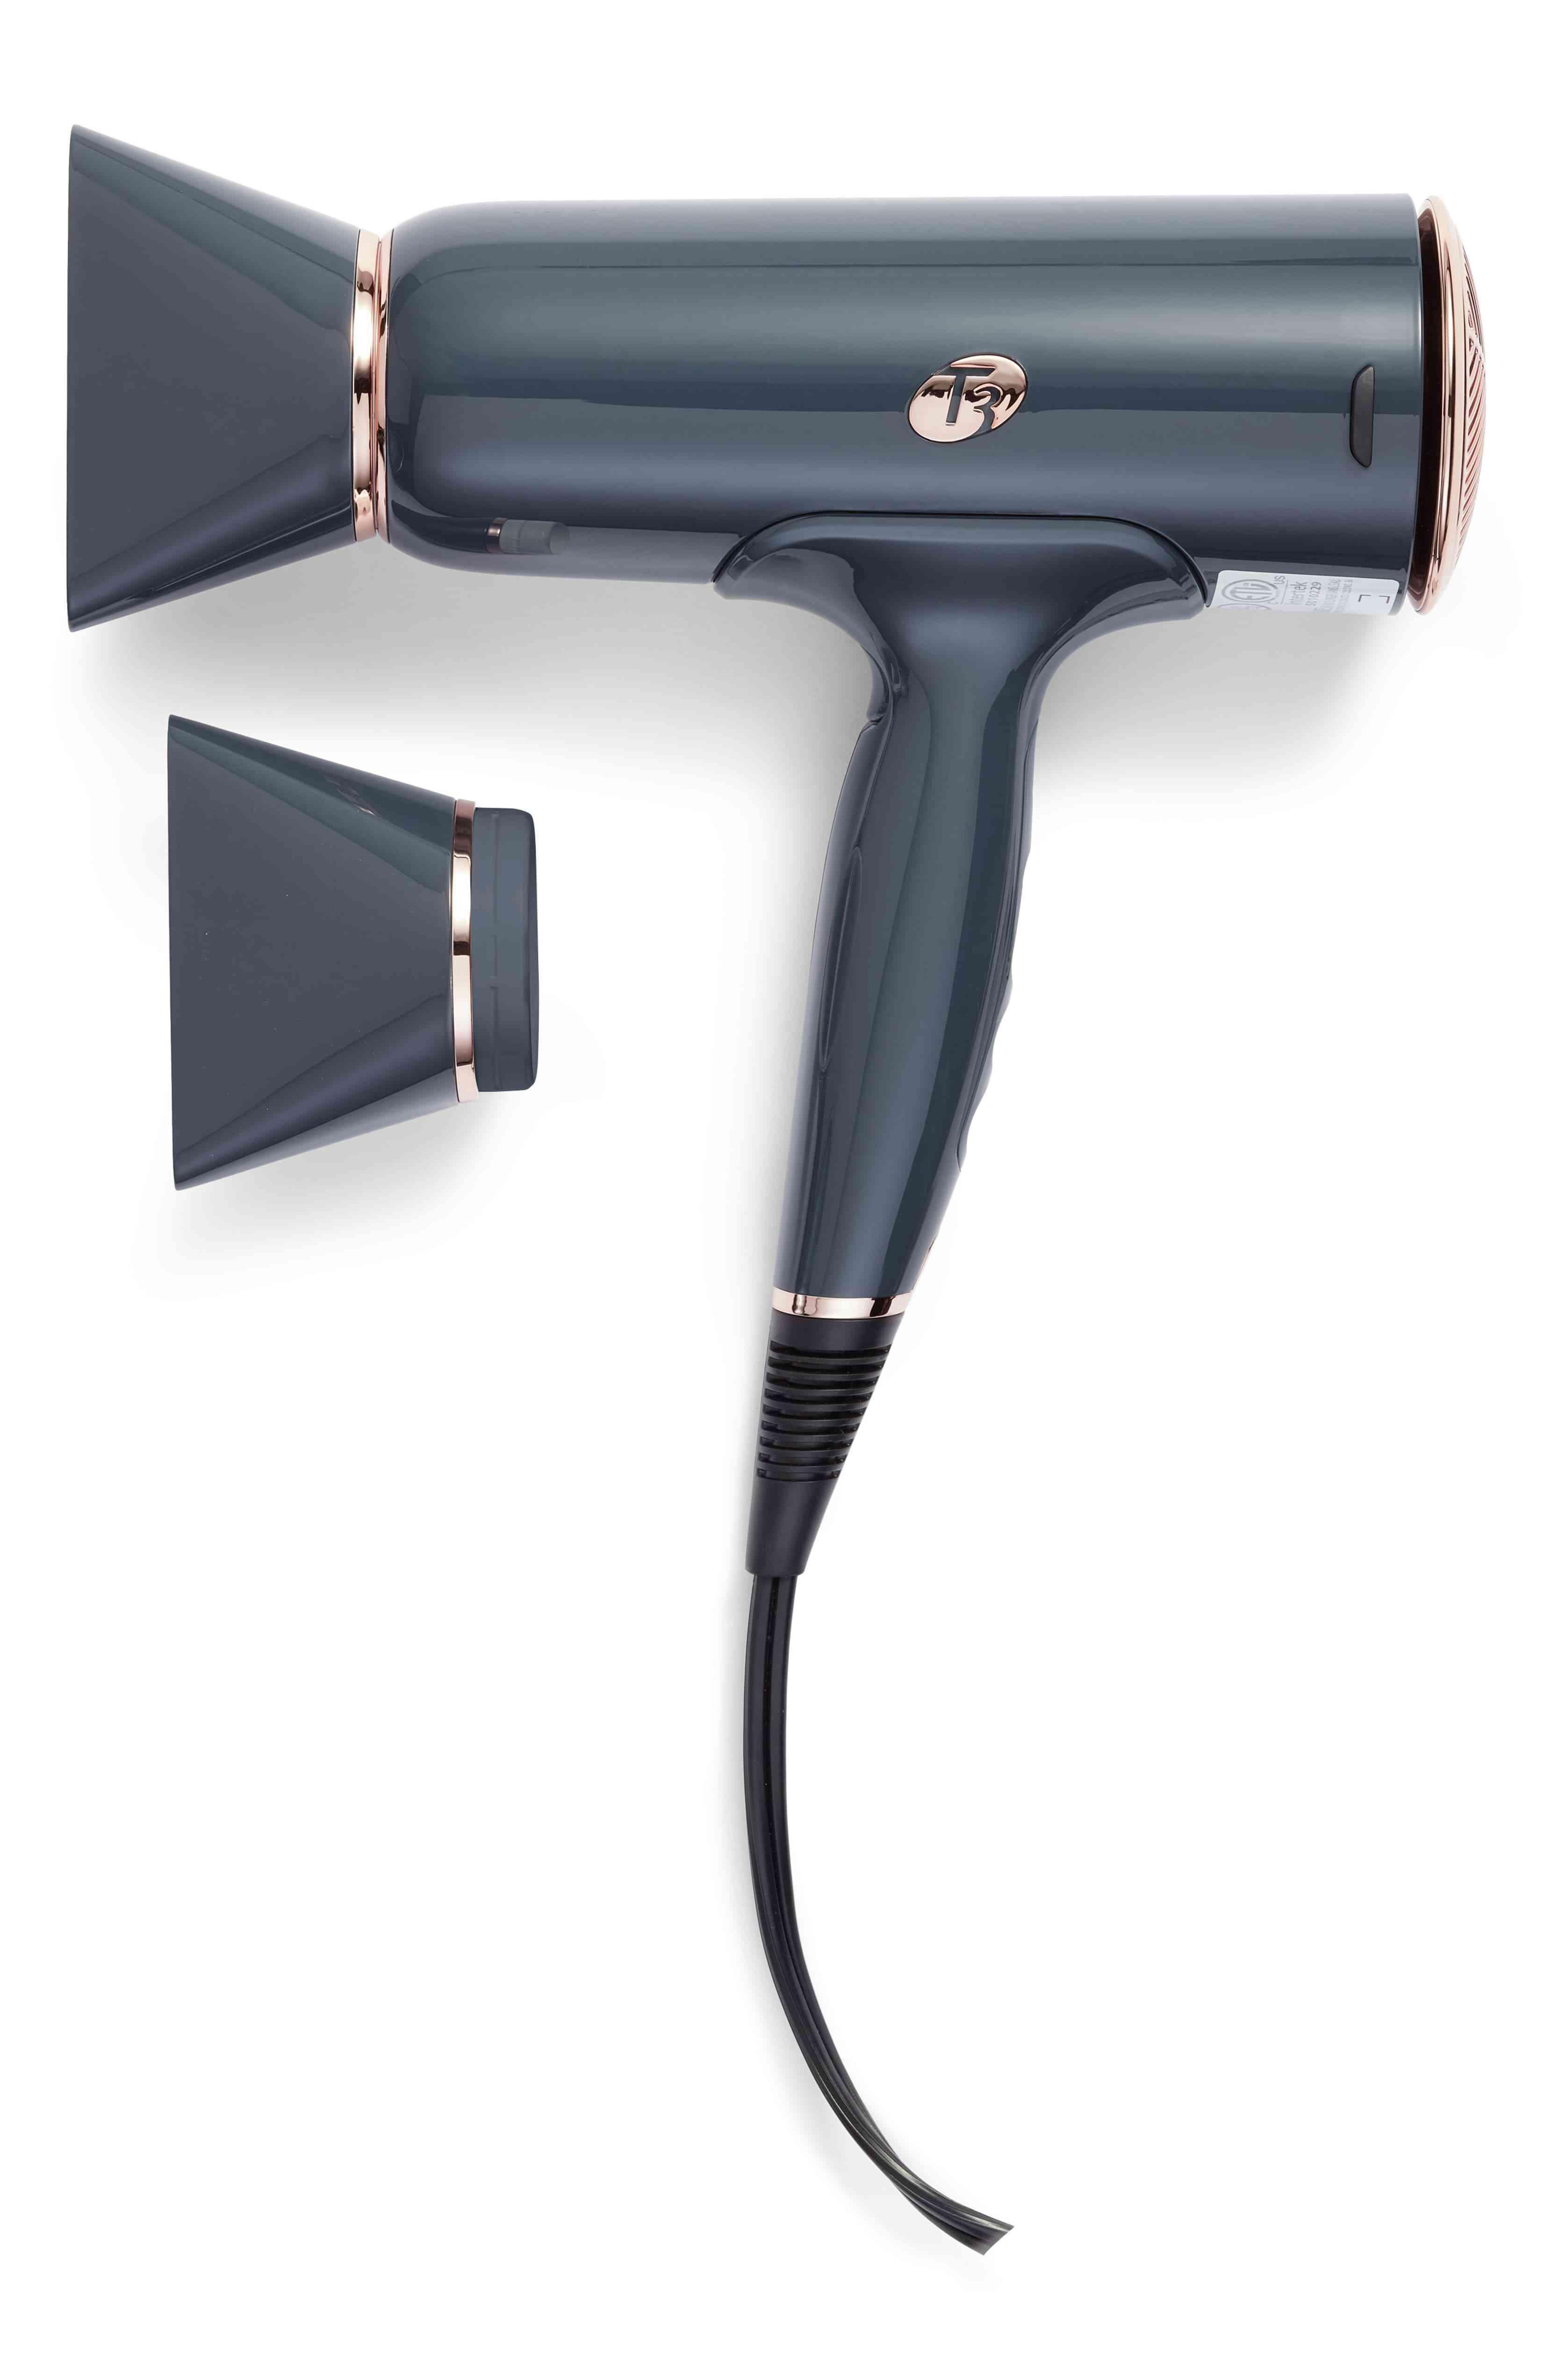 T3 Cura hairdryer